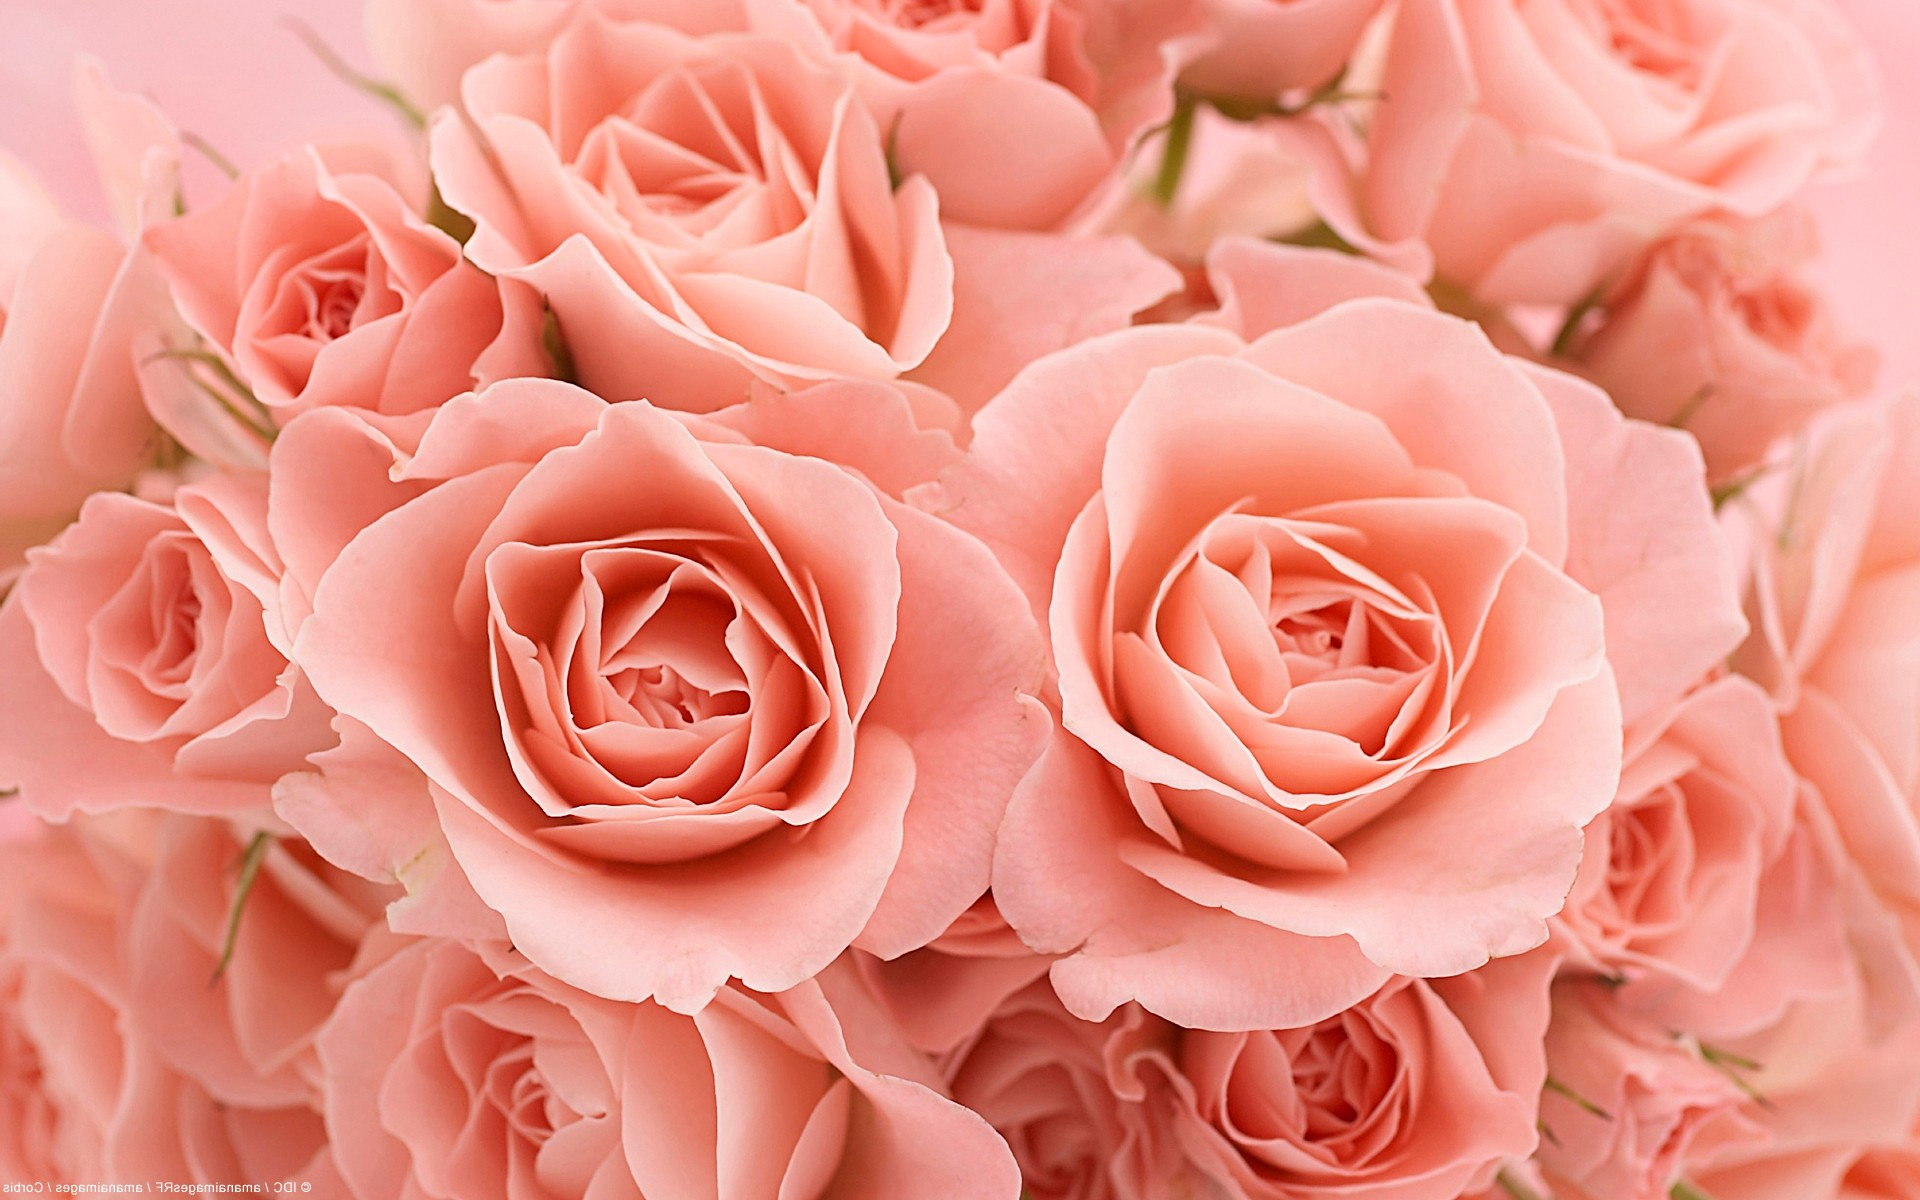 Светло-розовые розы - обои, фото, картинки букет роз на рабочий стол.